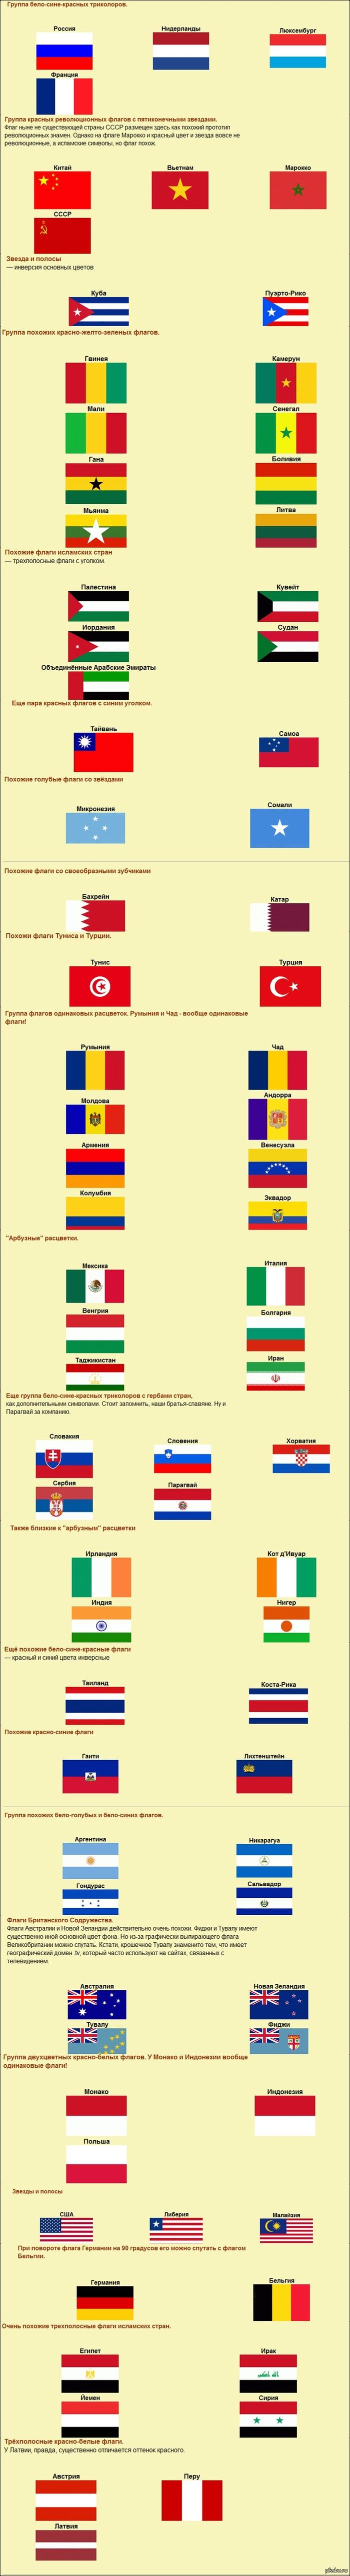 Похожие и одинаковые флаги стран мира